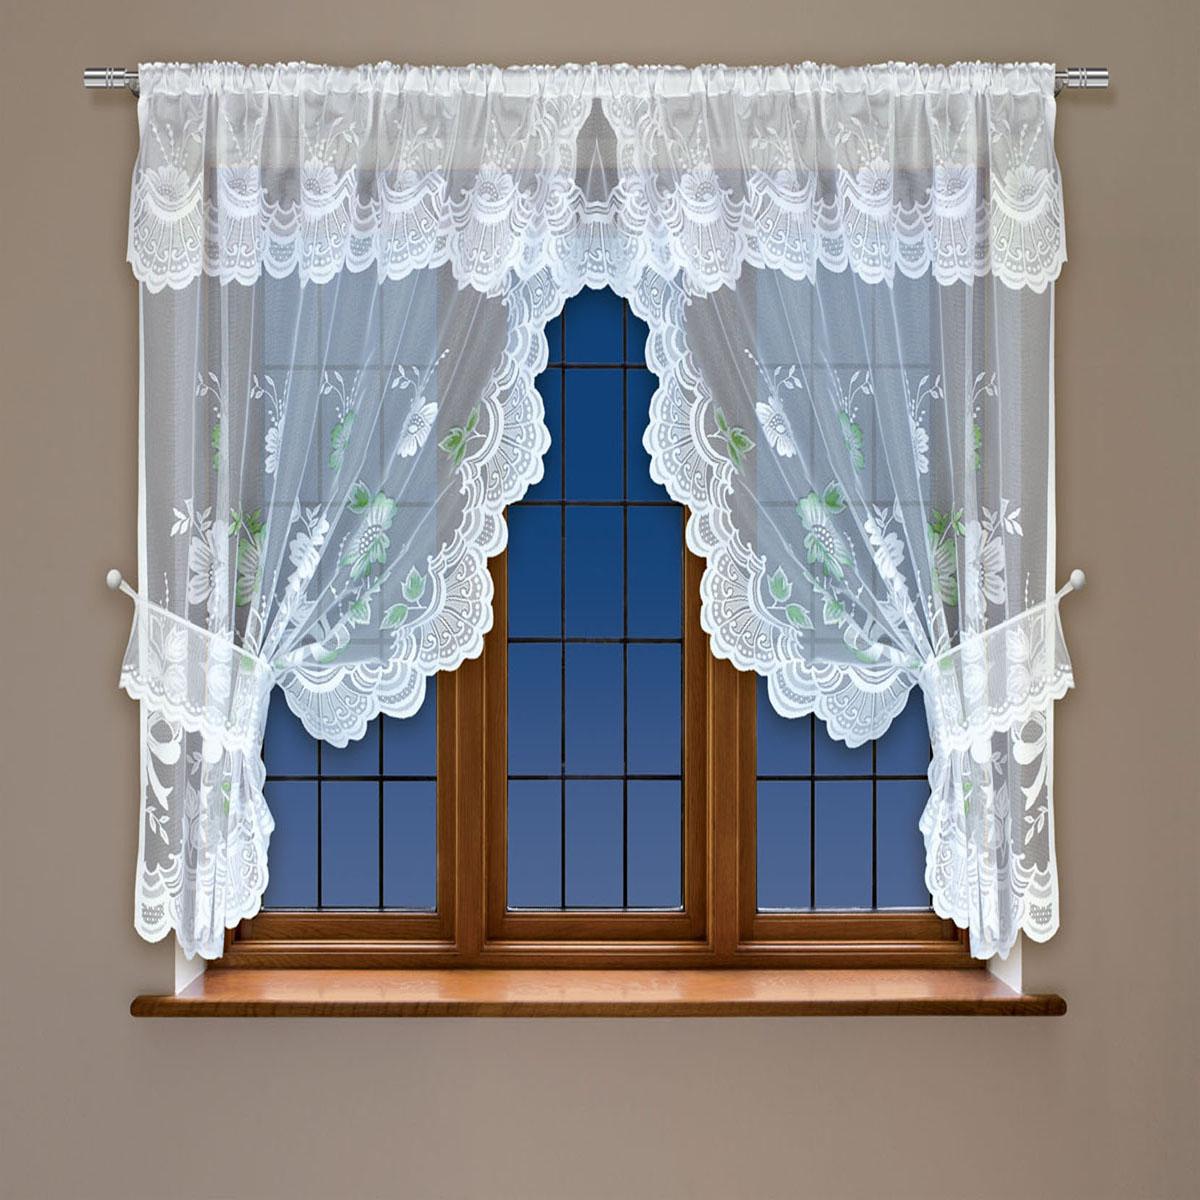 Гардина Haft, на кулиске, цвет: белый, высота 137 см. 202561202561/137 белыйВоздушная гардина Haft, выполненная из полиэстера, великолепно украсит любое окно. Изделие имеет оригинальный дизайн и органично впишется в интерьер помещения. Гардина крепится на карниз при помощи кулиски.